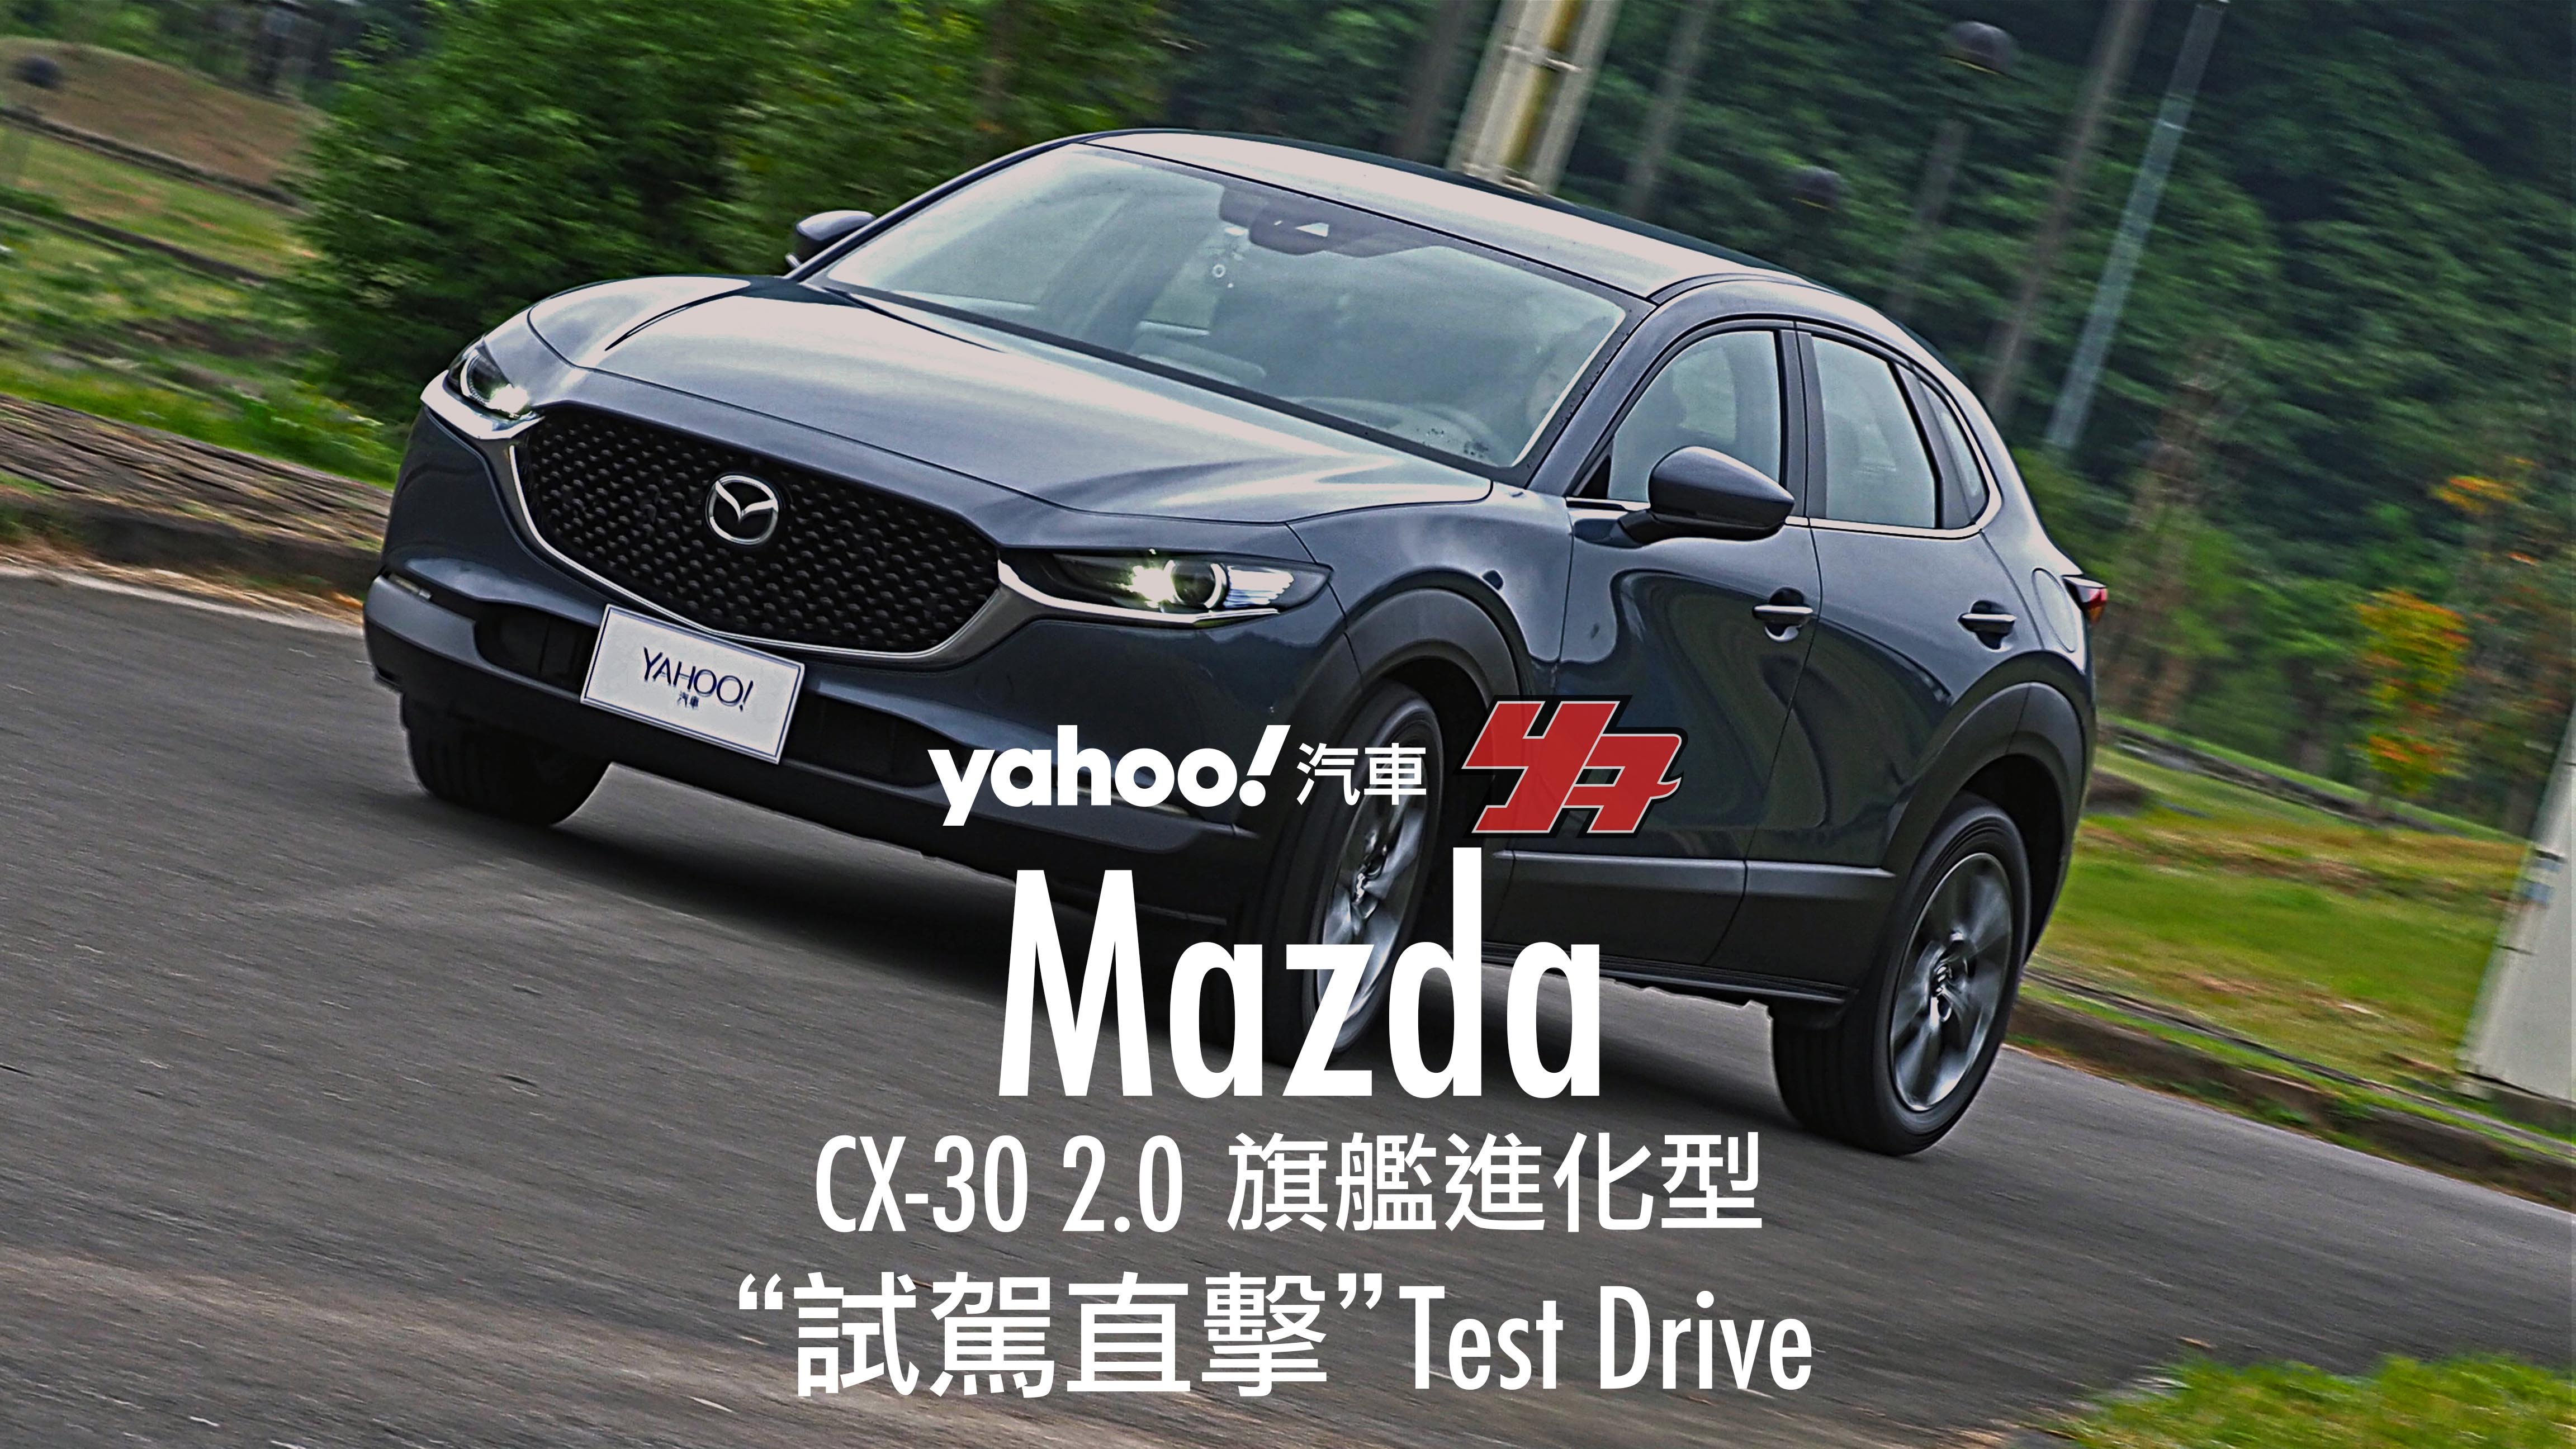 【試駕直擊】同享奔馳間的極境與寂靜!2020 Mazda CX-30旗艦進化型試駕